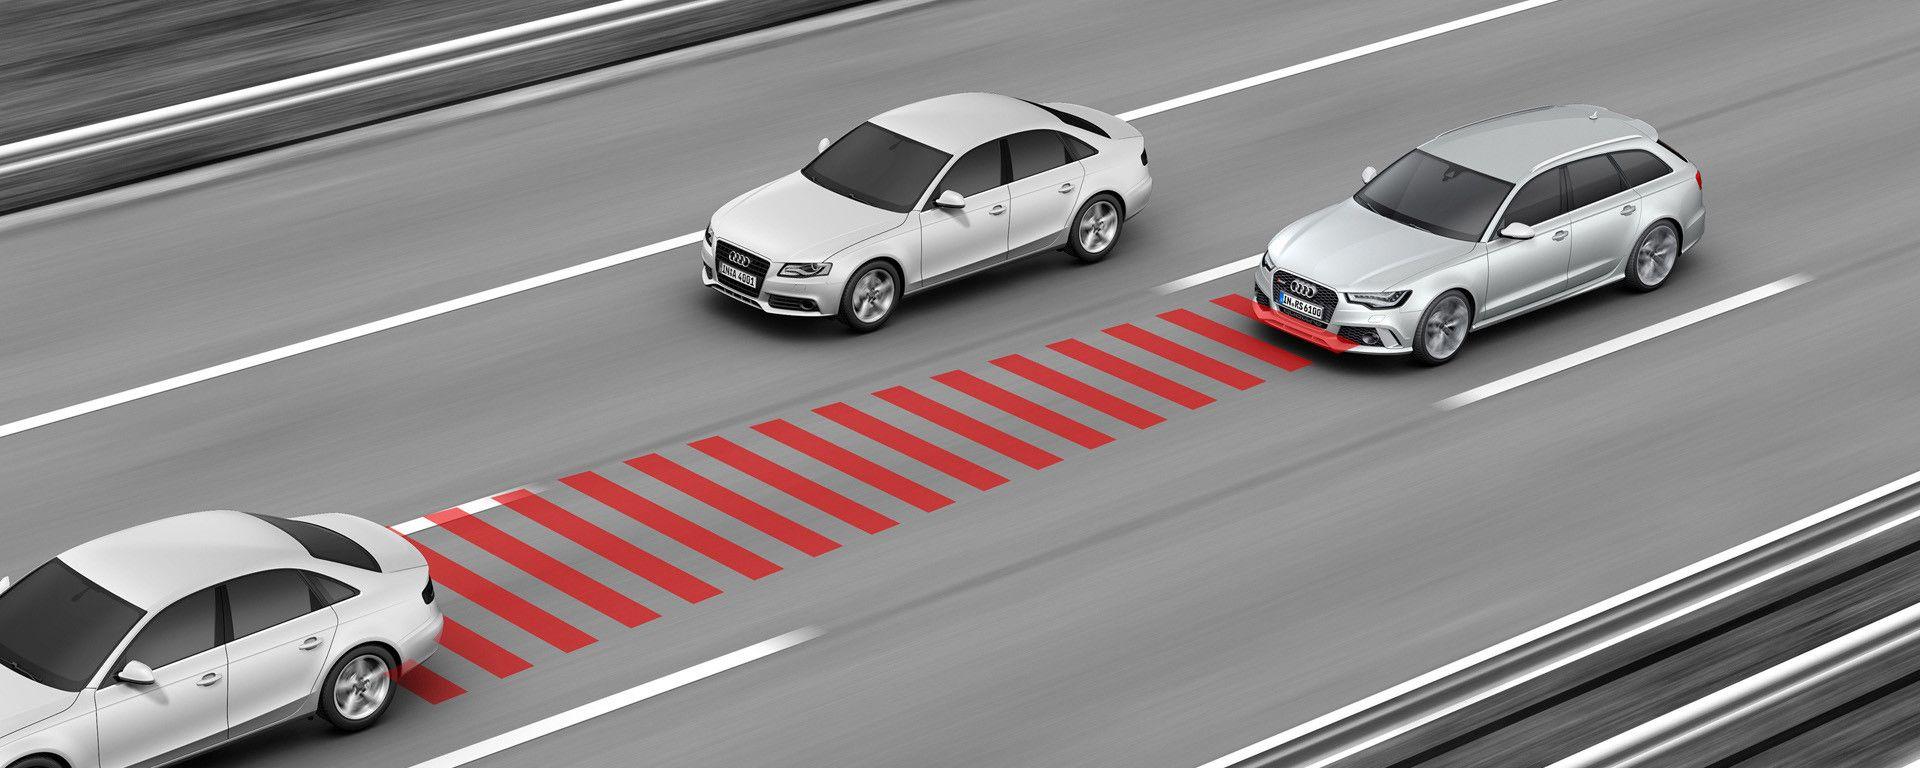 Con gli aiuti alla guida si possono evitare 4 incidenti su 10